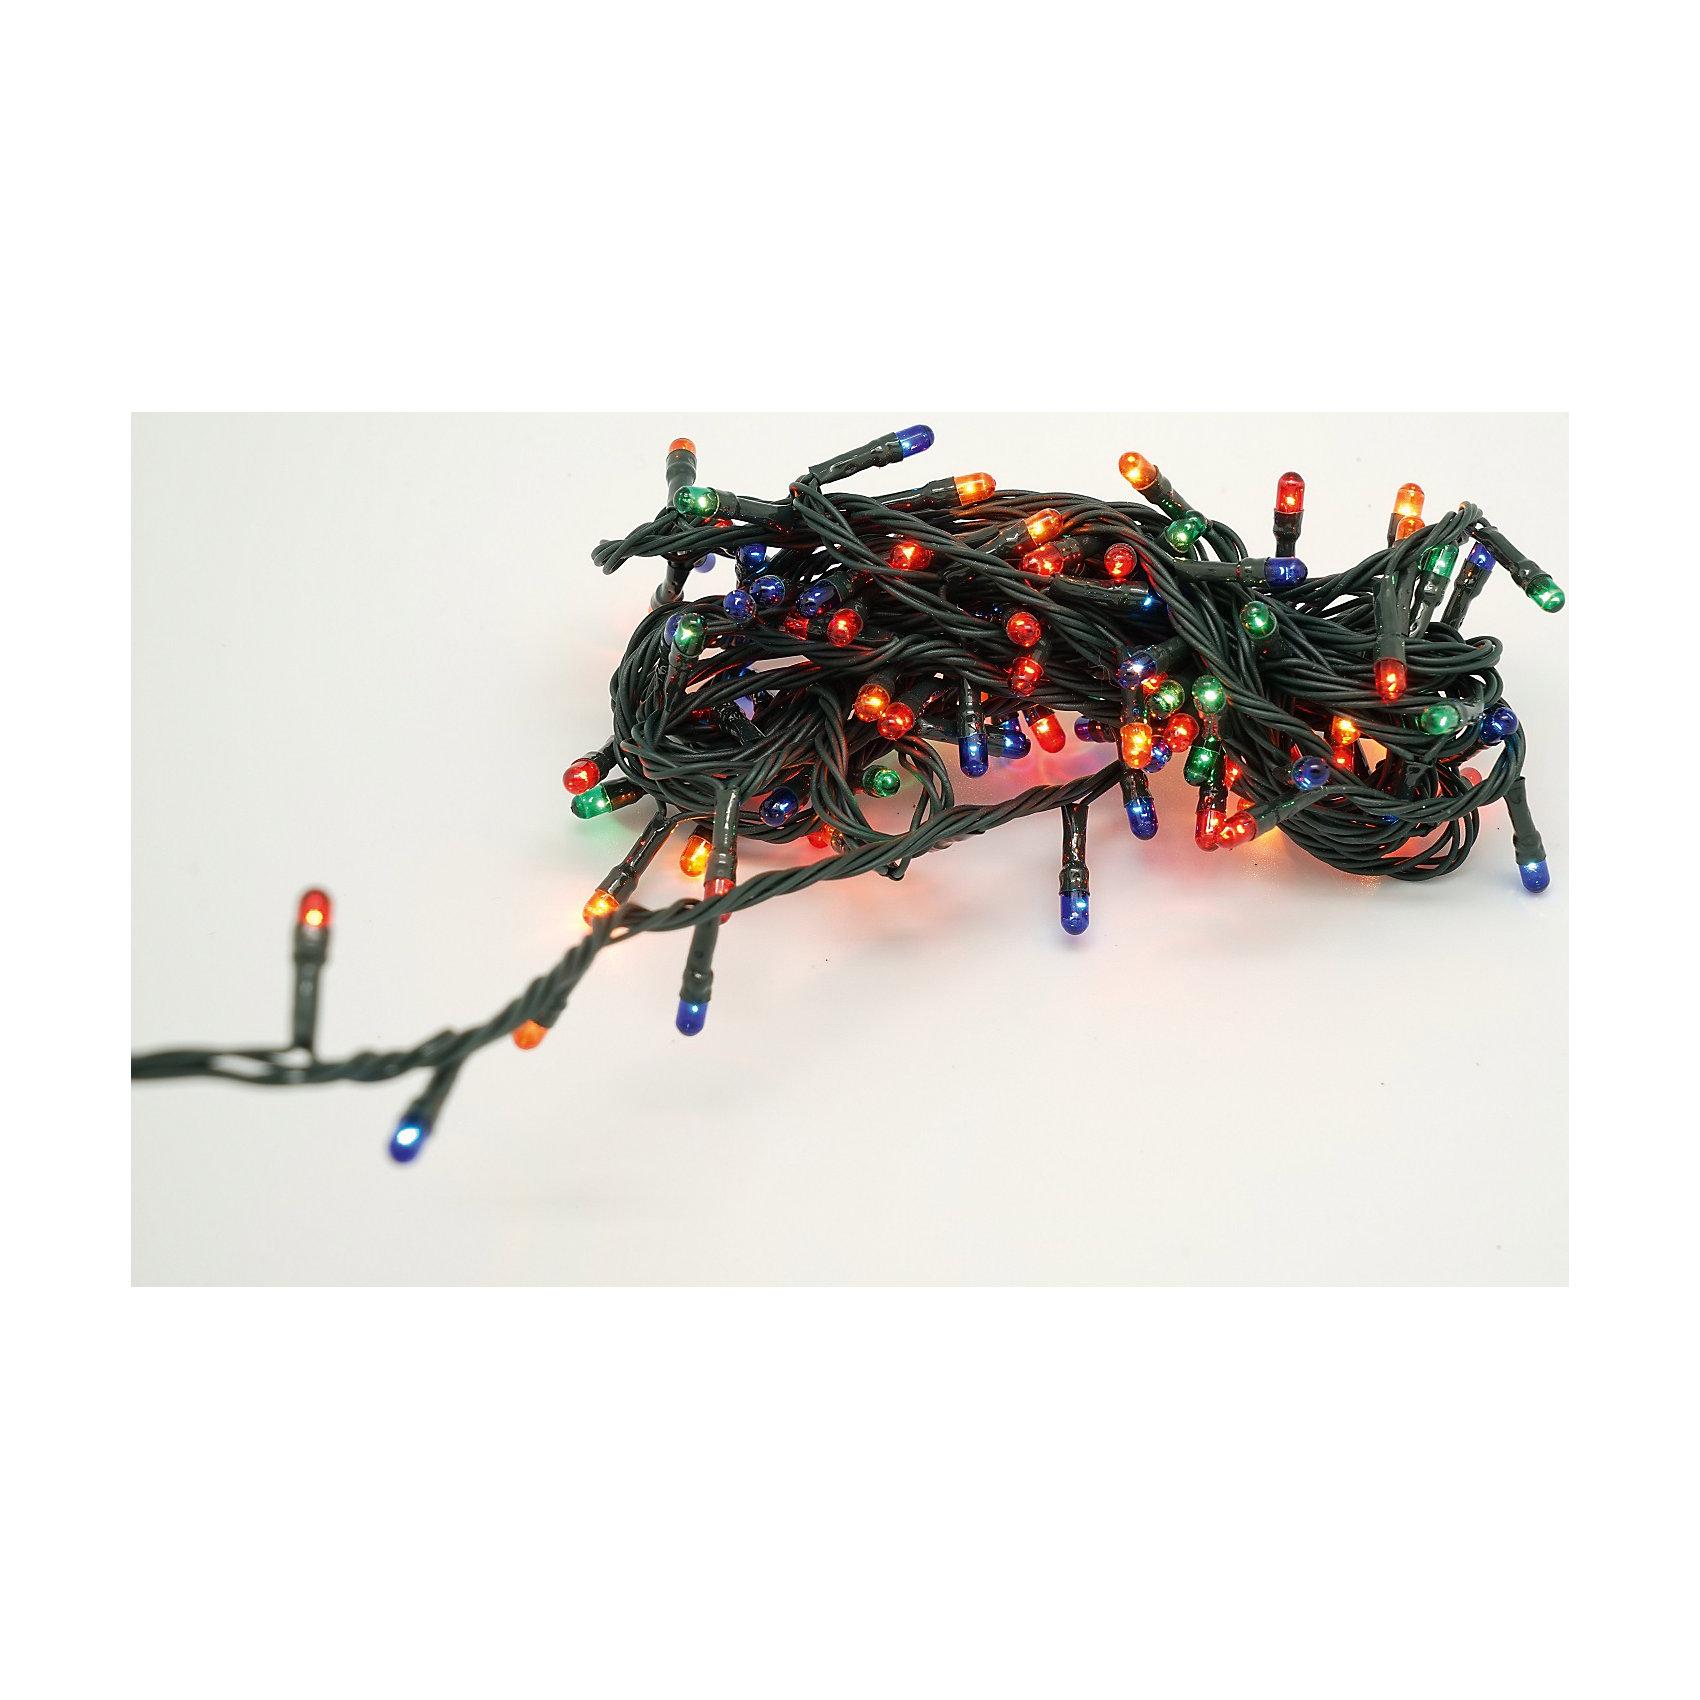 Яркий праздник Новогодняя электрическая гирлянда, 8 режимов на 180 лампочек (мощность 42 Вт, напряжение 220В)